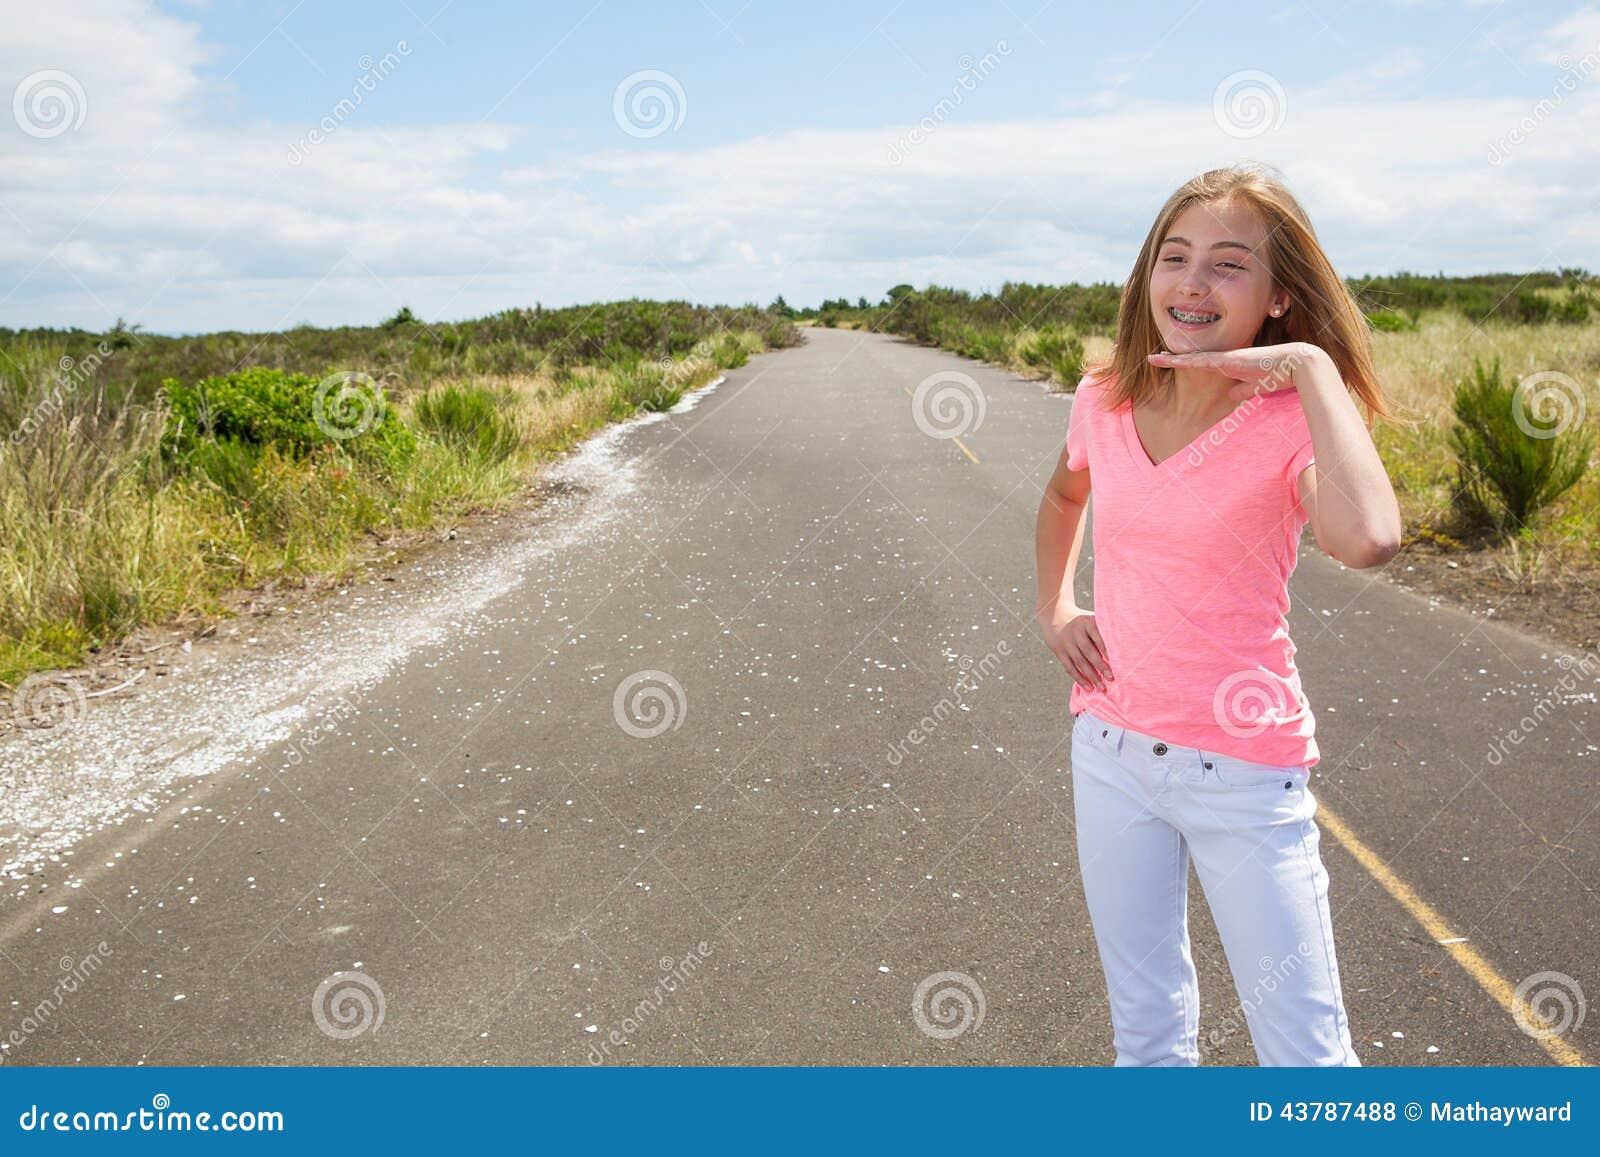 adolescenti nudi foto